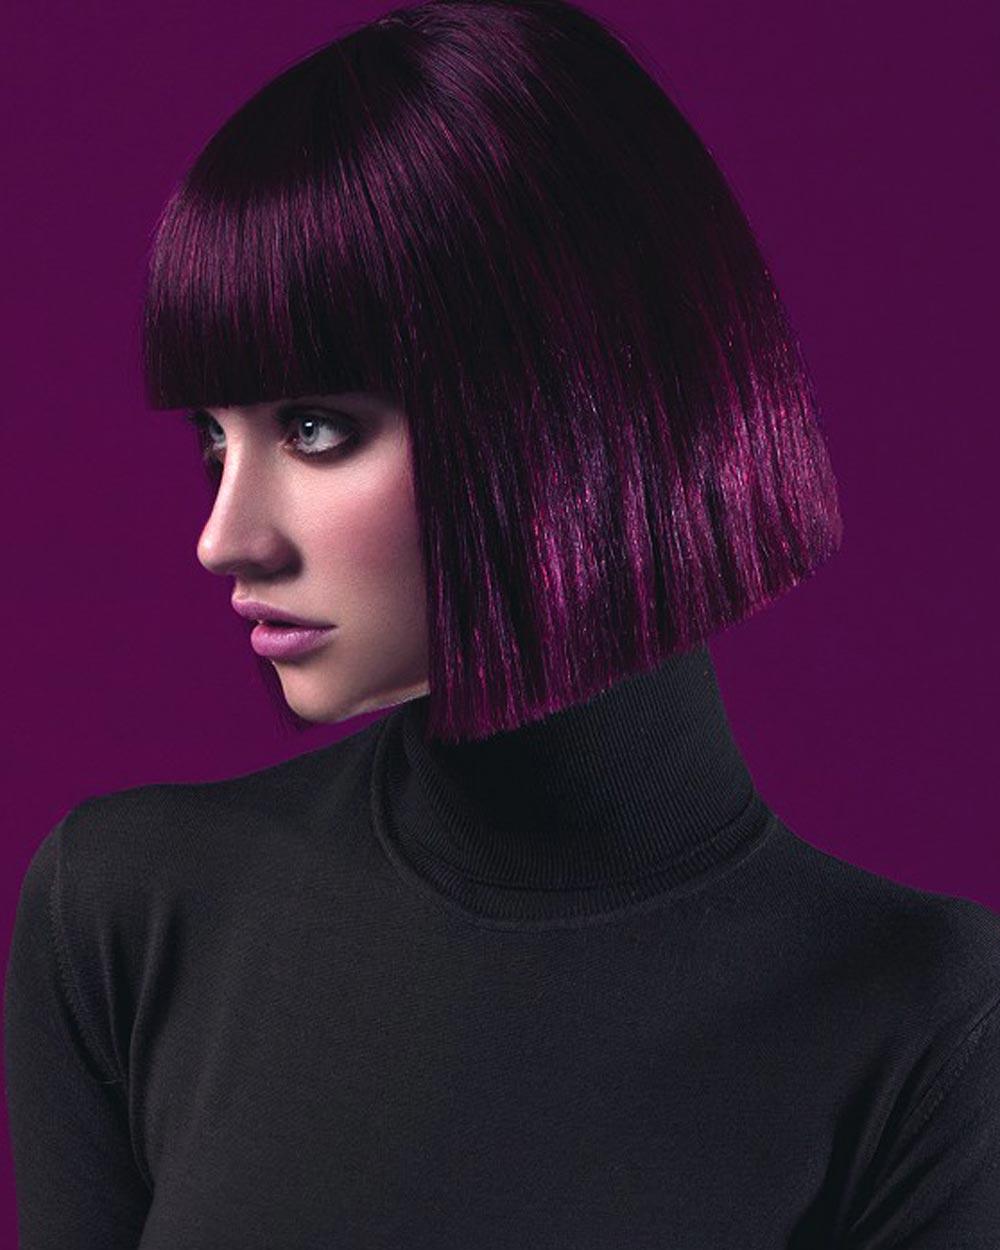 Tipy na účesy pro září 2015 – čistokrevní mikádo v barvě lesních ostružin. Účes je z kolekce VOG – Colour Full (vlasy: Robin Navarro-Harraga – VOG COIFFURE, foto: Lucie Bremeault, make-up: Fanny Maurer, styling: Nikky Chicanot.)